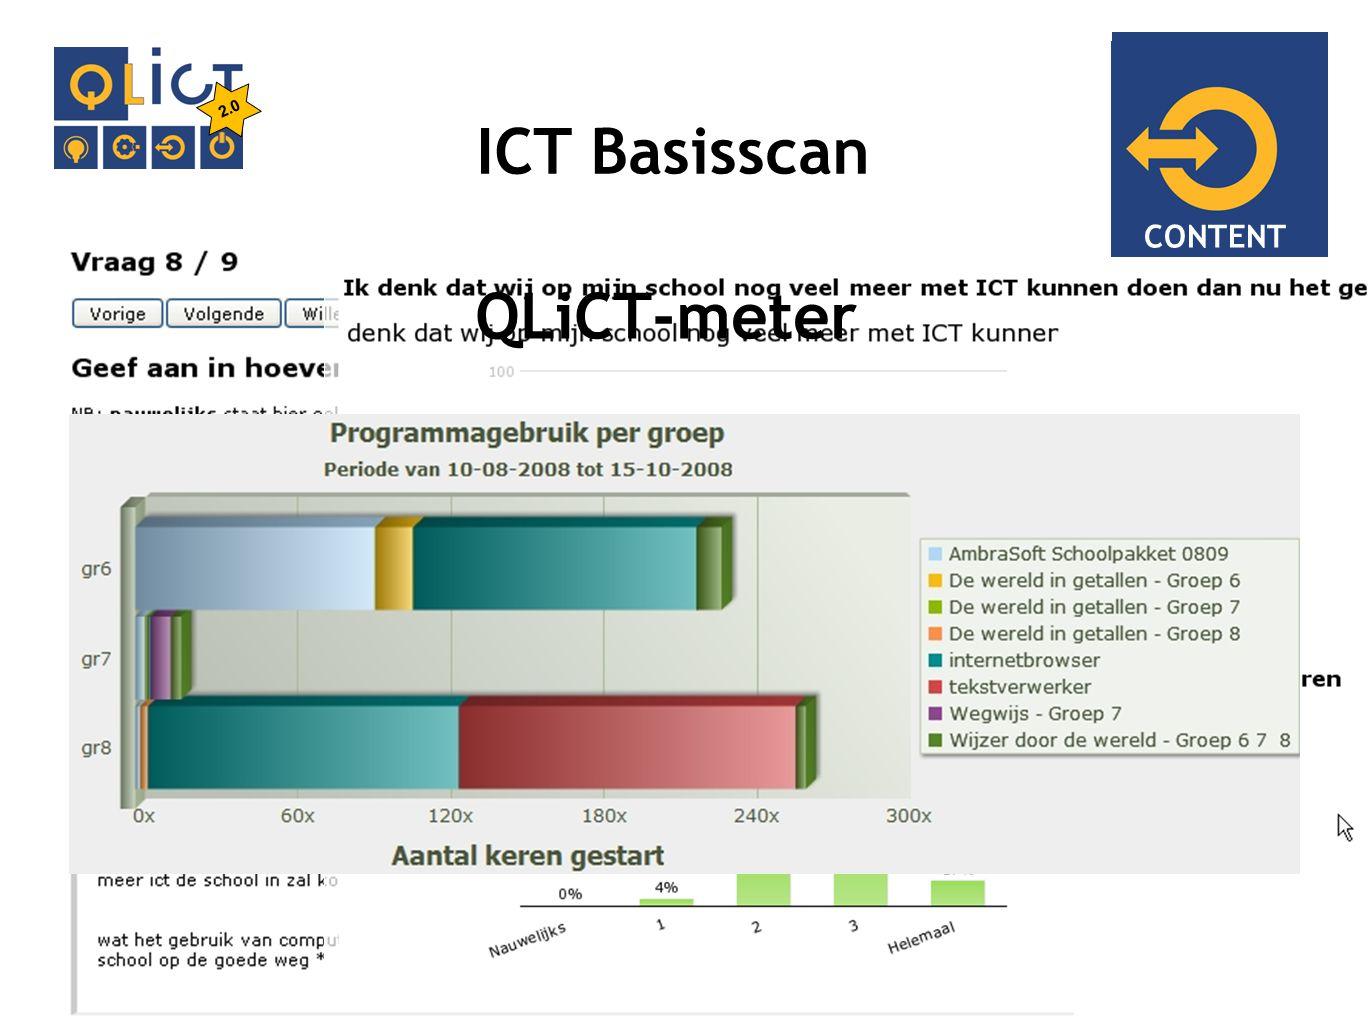 IMPLEMENTATIE ICT Basisscan 2.0 CONTENT QLiCT-meter